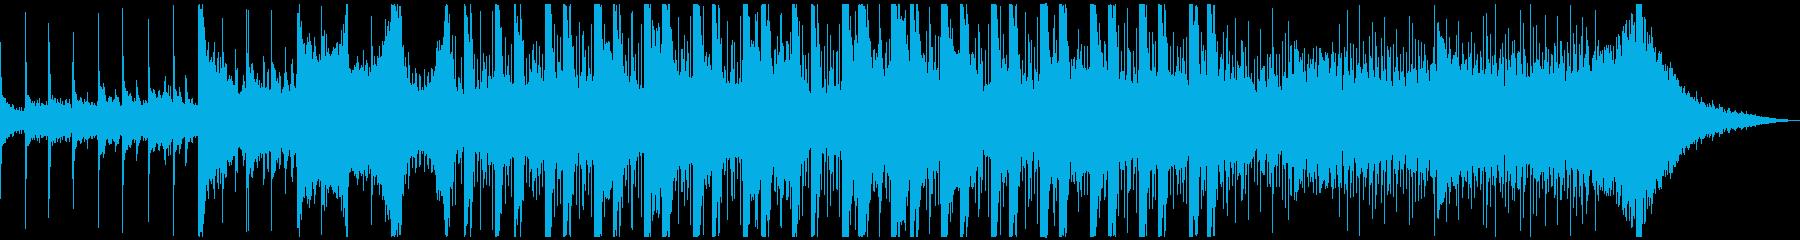 和風BGMの再生済みの波形